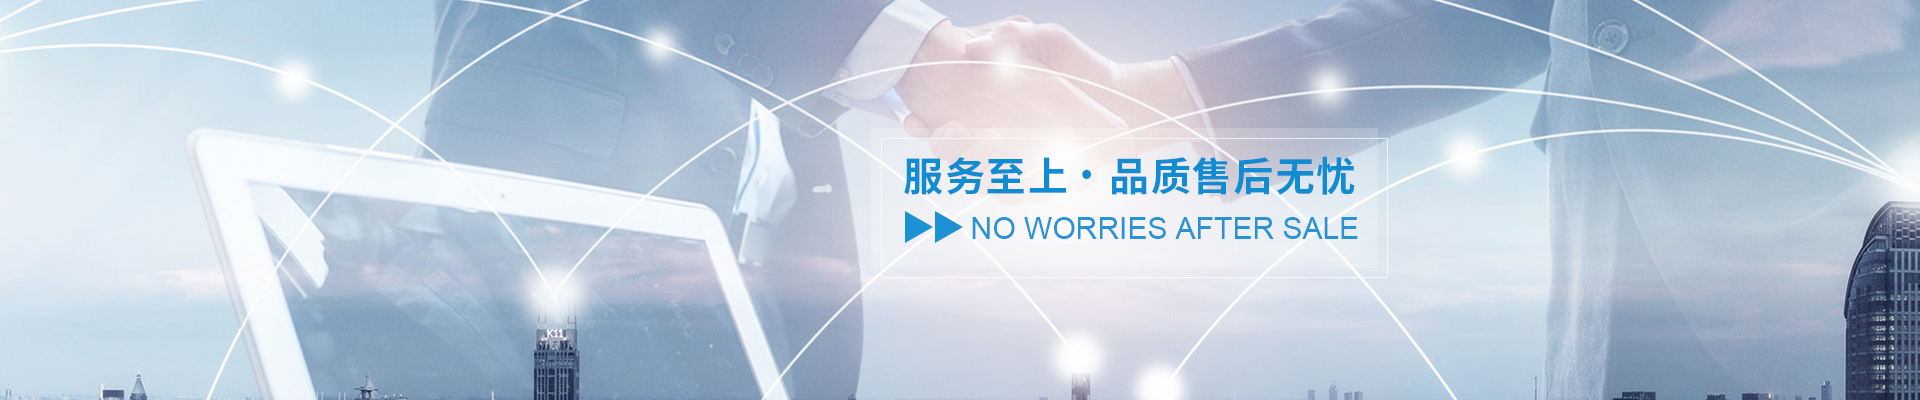 杨浦区未来企业形象策划诚信推荐「上海呗呗信息科技有限公司」